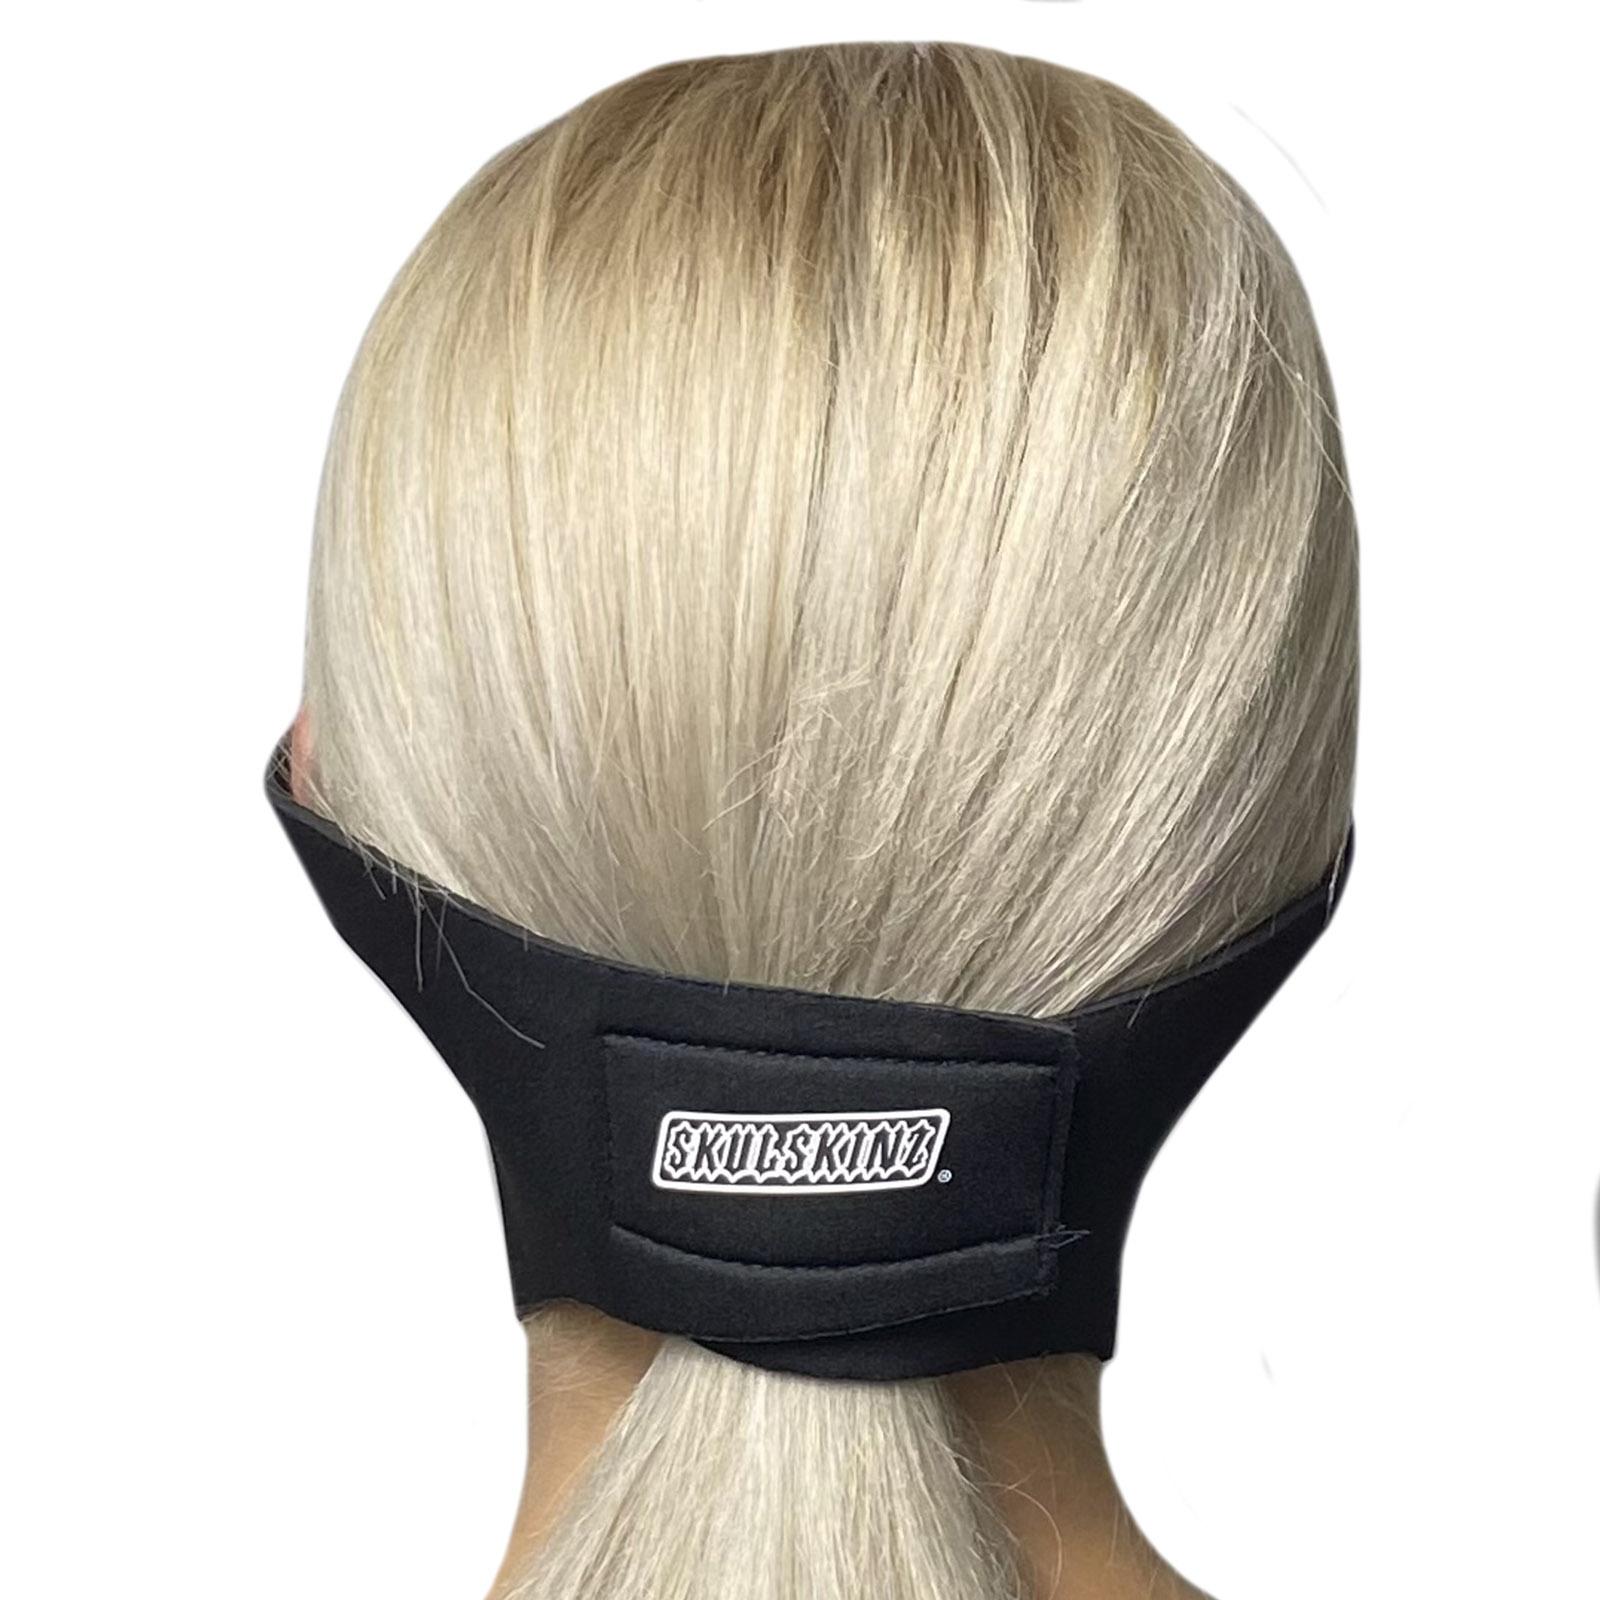 Многоразовая медицинская маска Skulskinz Black